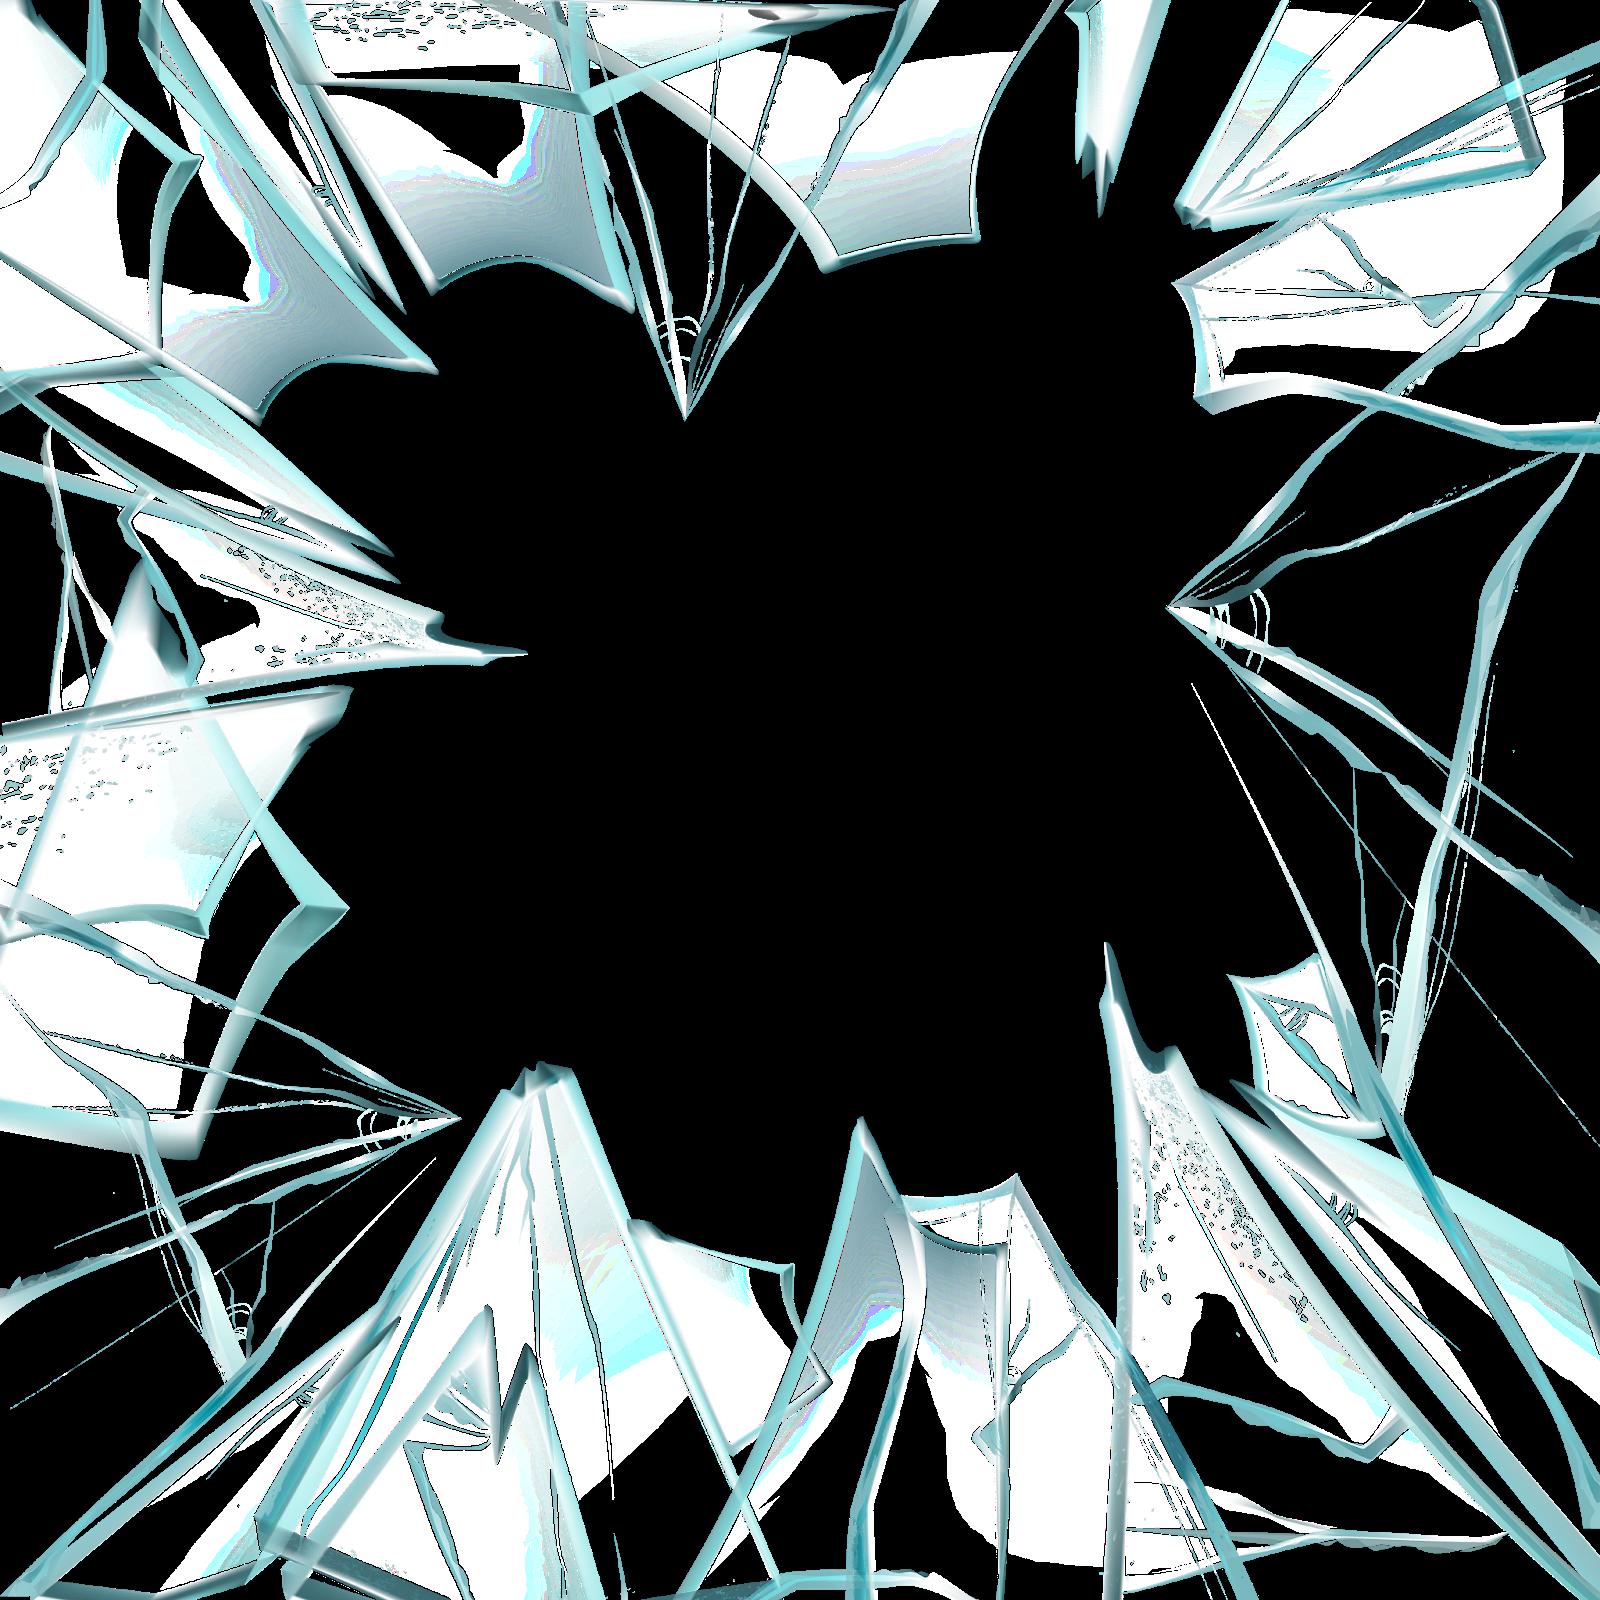 Free Download Broken Glass Png I Broken Glass Texture ...